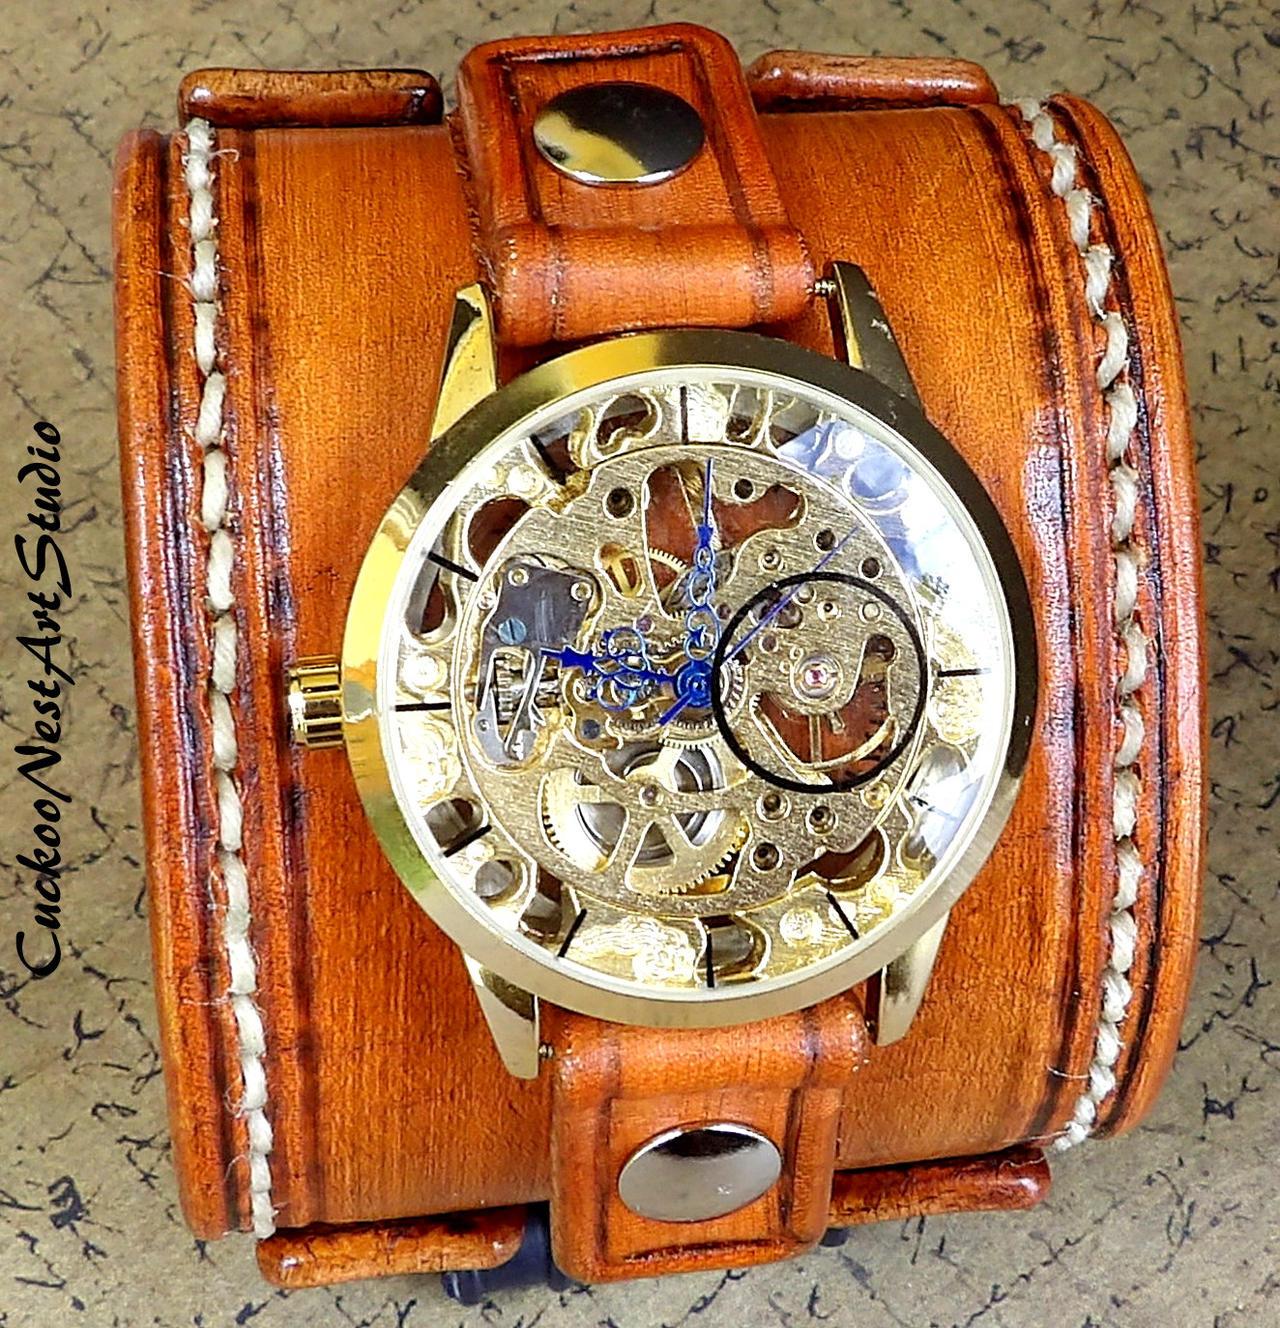 Мужские часы в стиле стимпанк - купить наручные